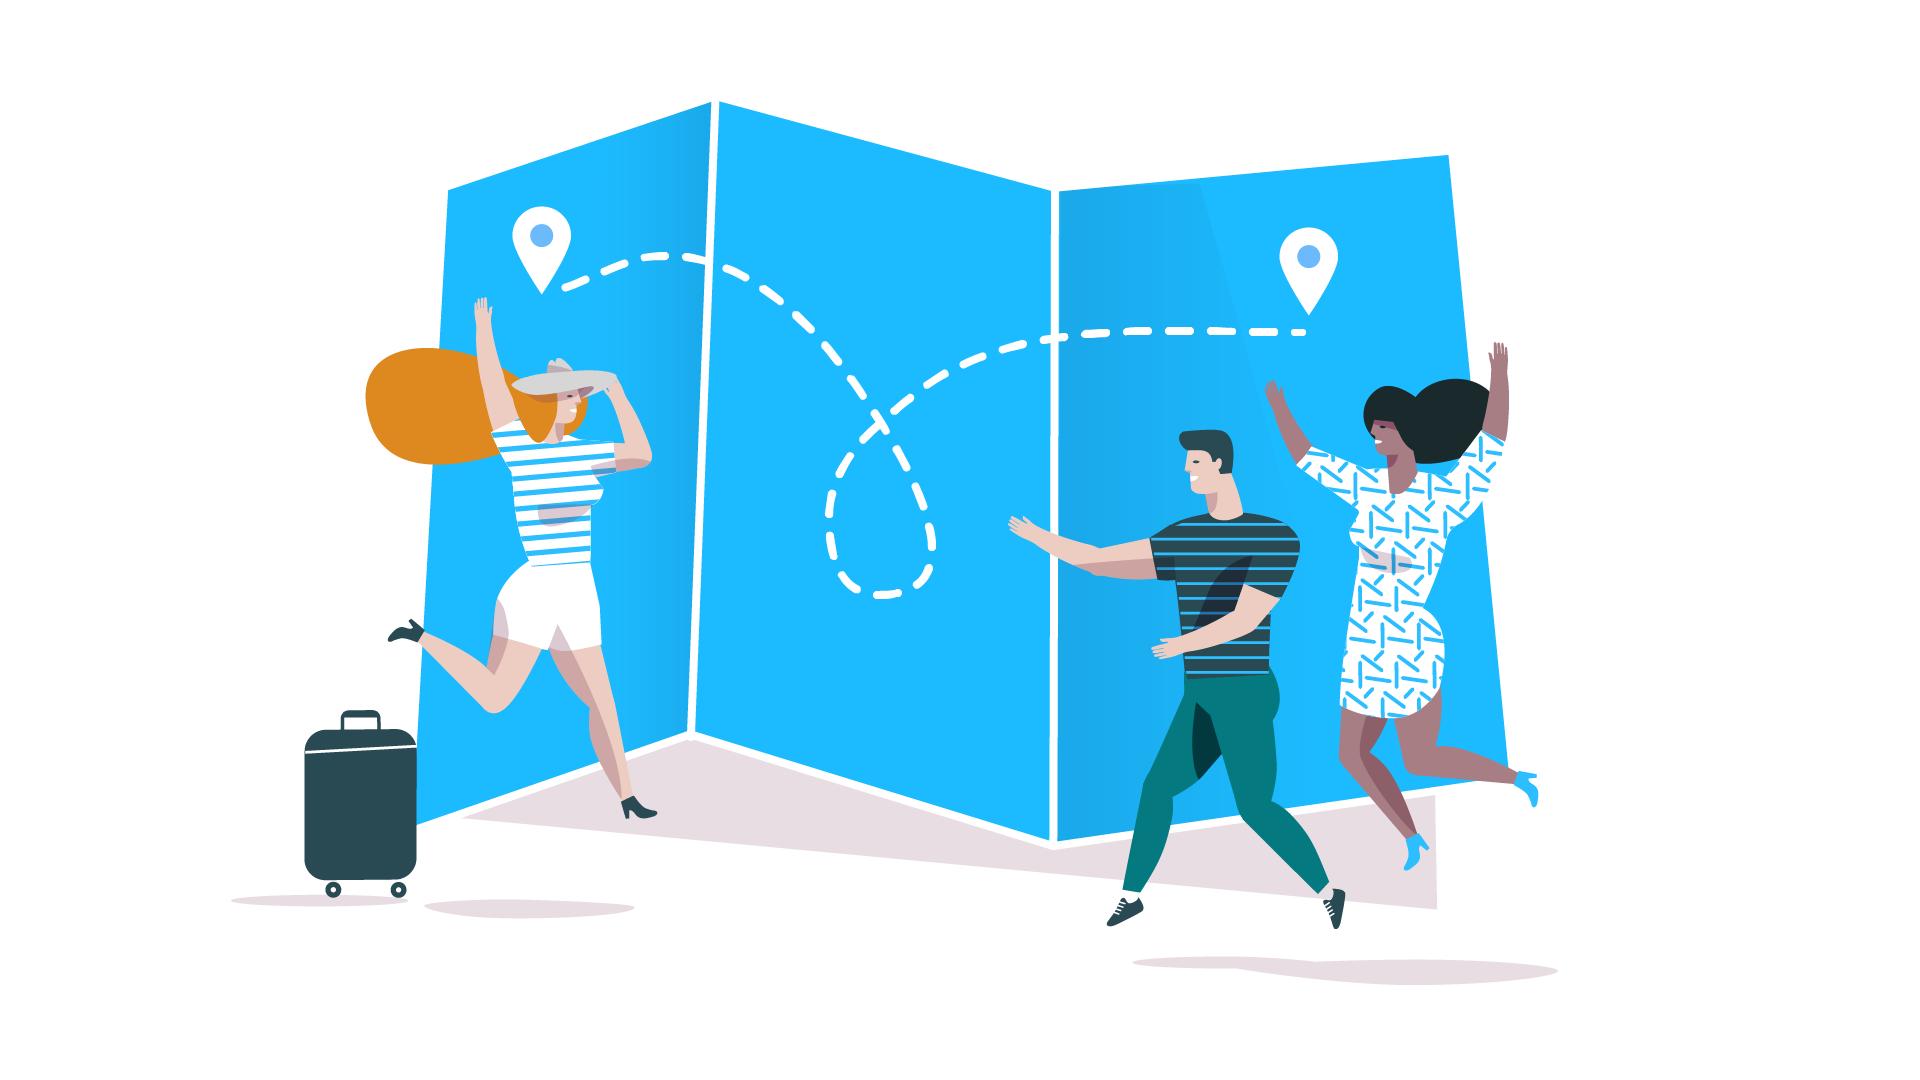 La mitad de las más de 8.000 localidades españolas han tenido conexión directa este verano gracias a BlaBlaCar